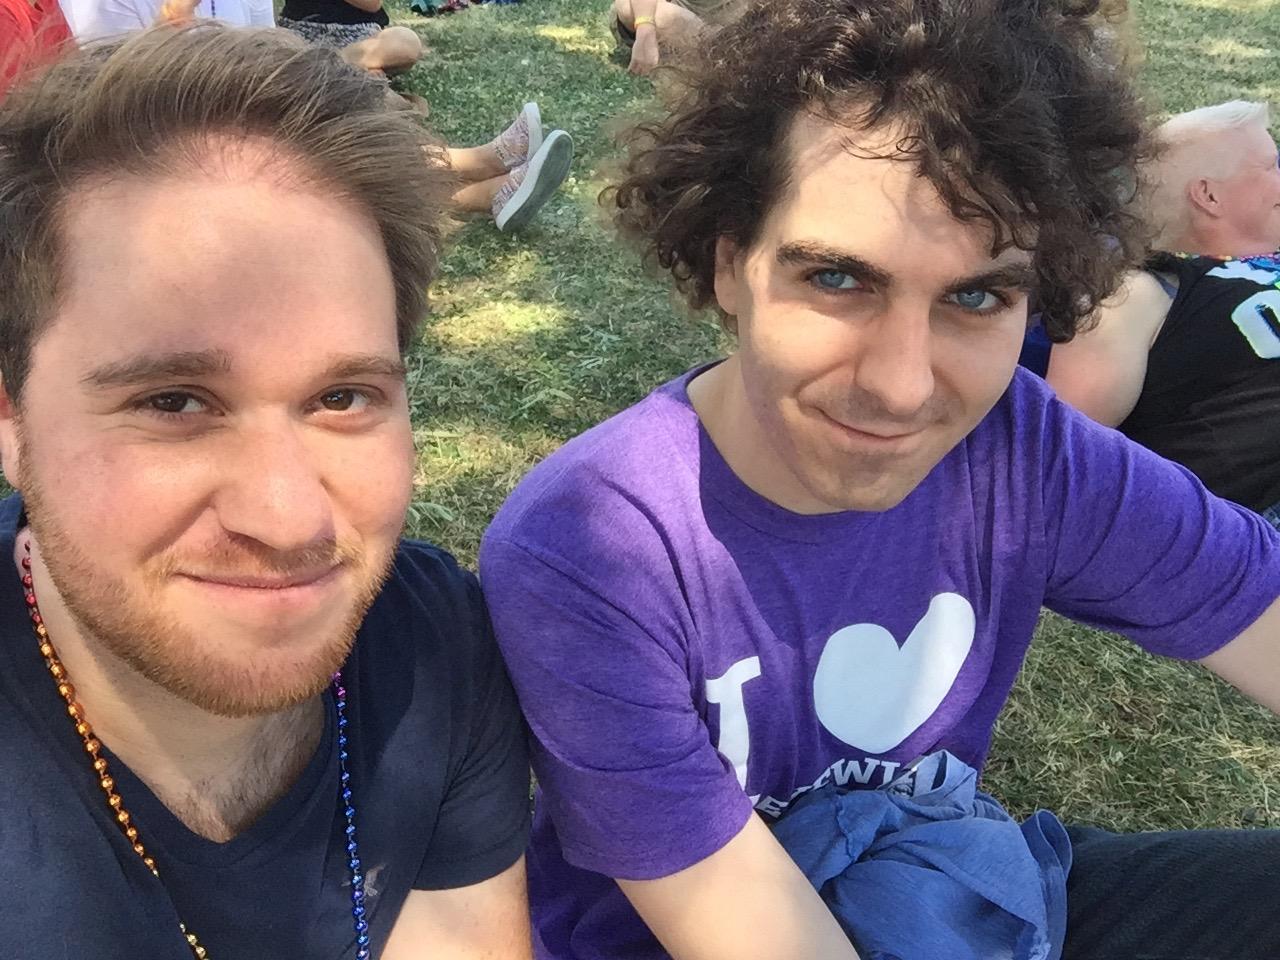 Celebrating at Capitol Pride in DC